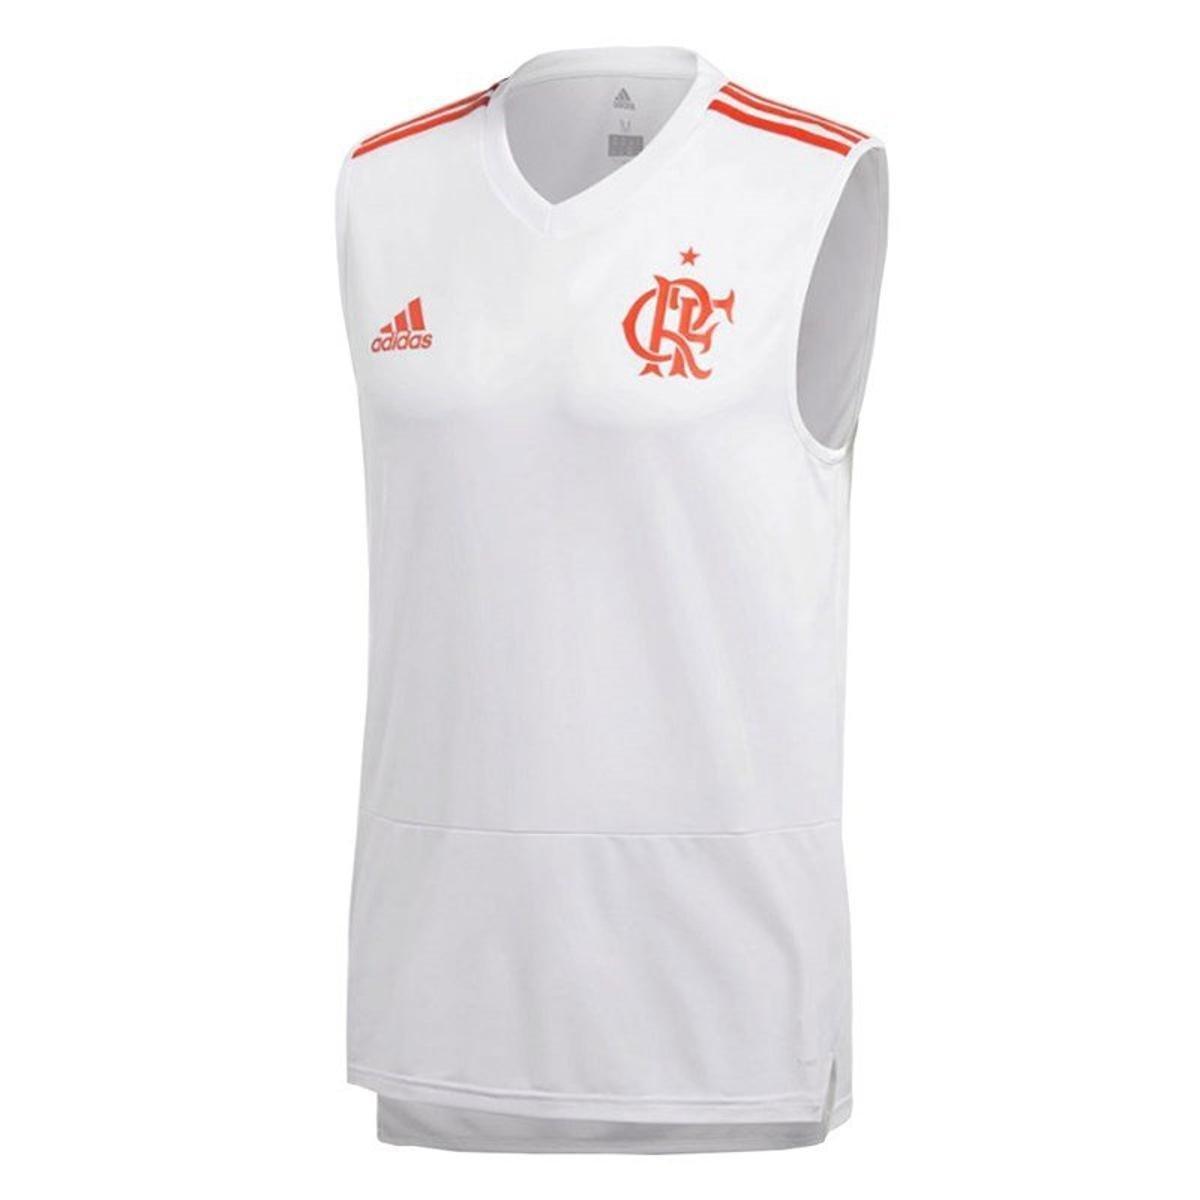 Regata Flamengo Treino Adidas Masculina - Branco - Compre Agora ... a60beeca705ce